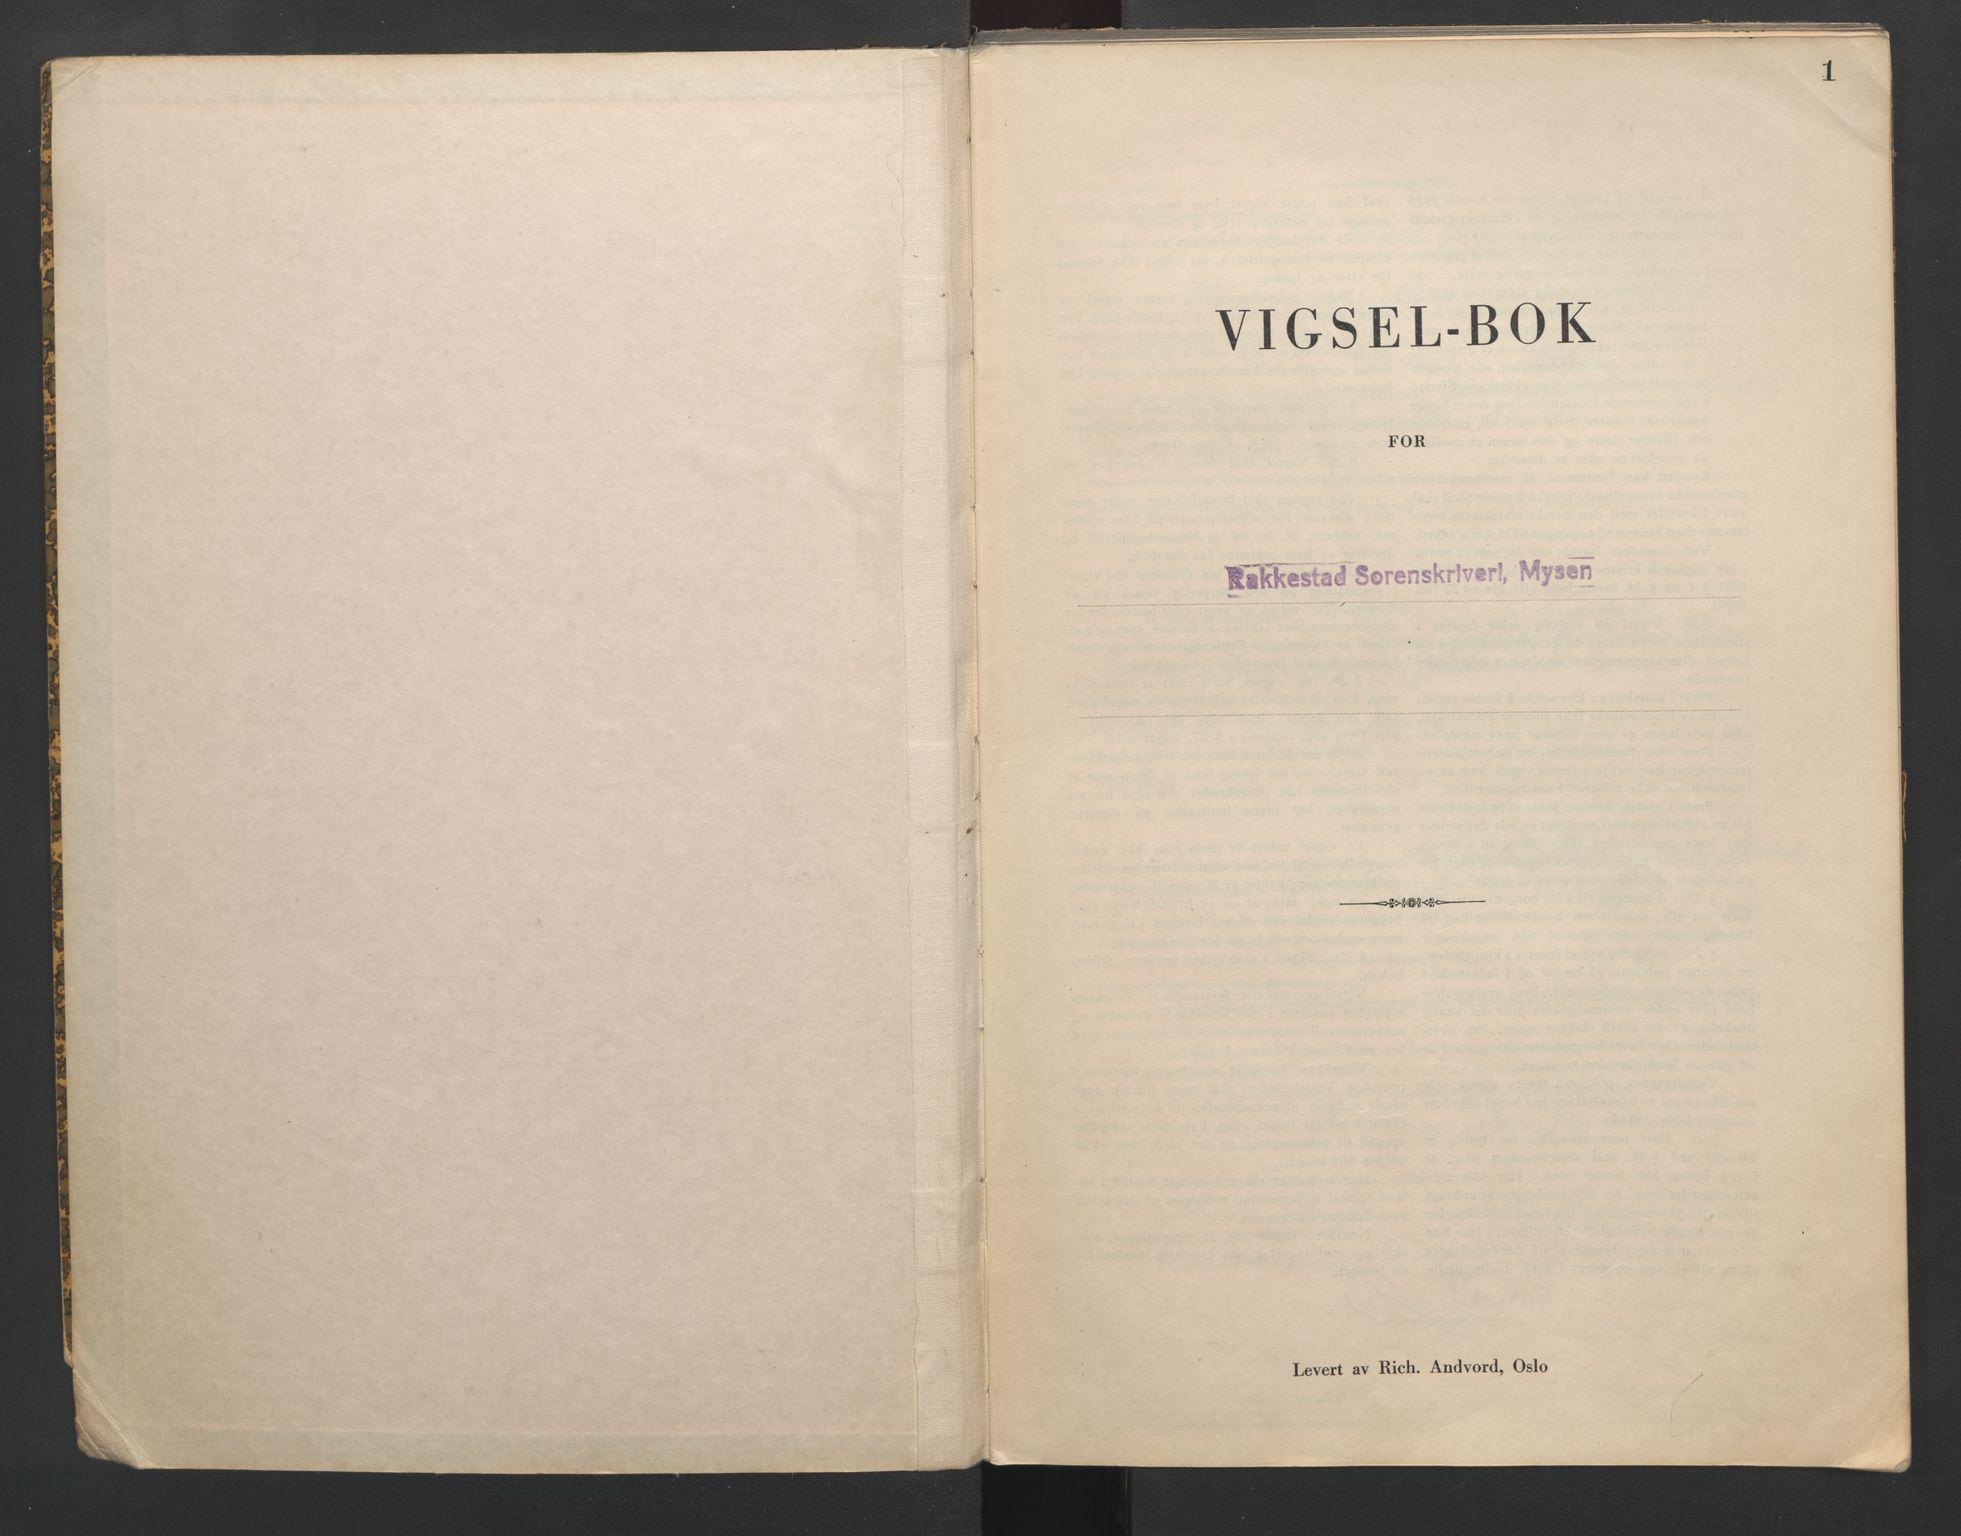 SAO, Rakkestad sorenskriveri, L/Lc/Lca/L0002: Vigselbøker, 1942-1943, s. 1